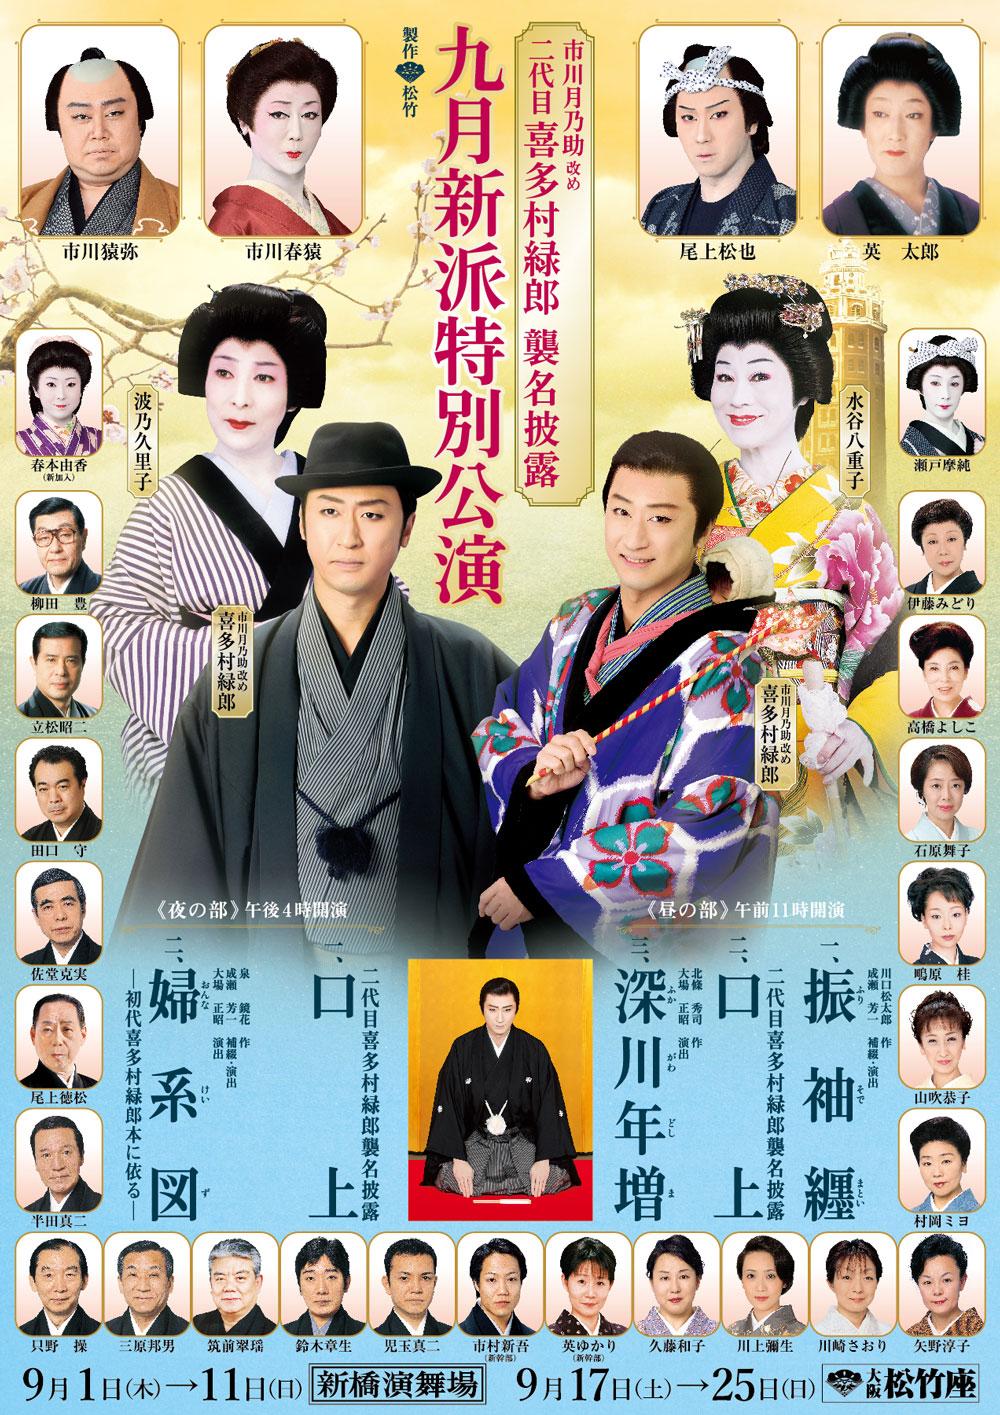 喜多村 緑郎 俳優 鈴木杏樹、50歳の不倫。熟年バカップル不倫で狂い咲く心理とは?